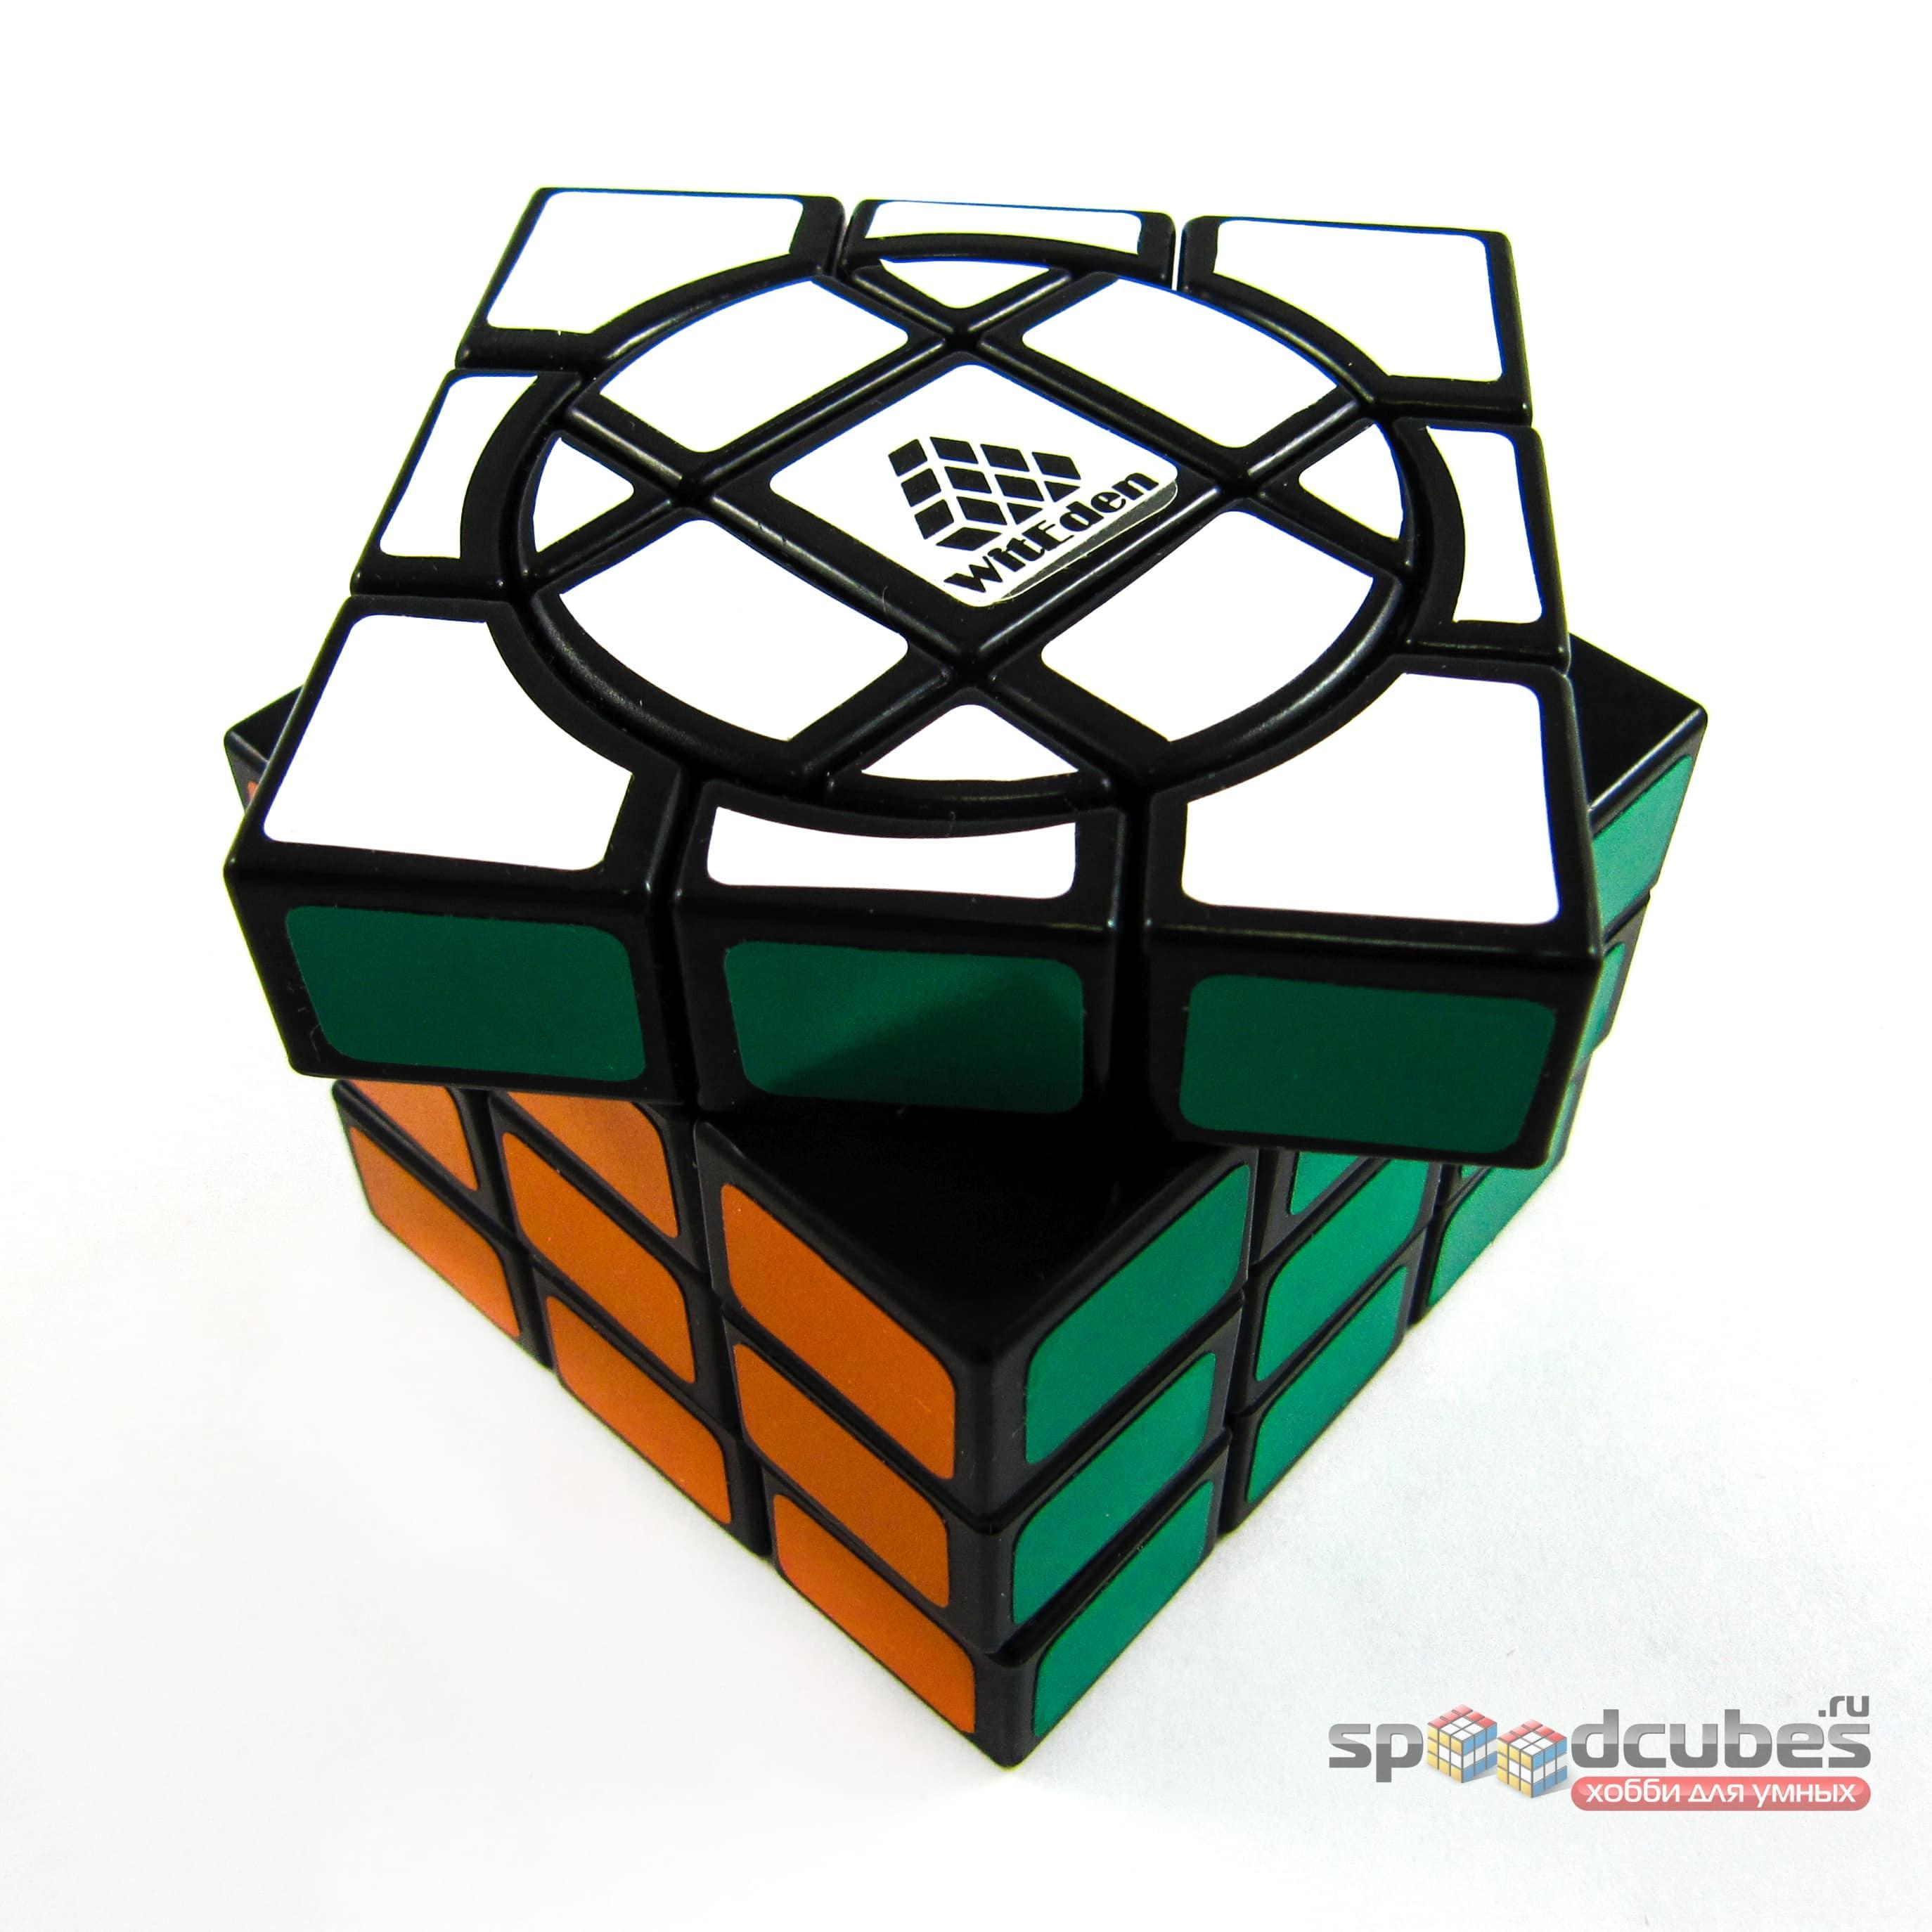 Witeden 3x3x4 Super 2